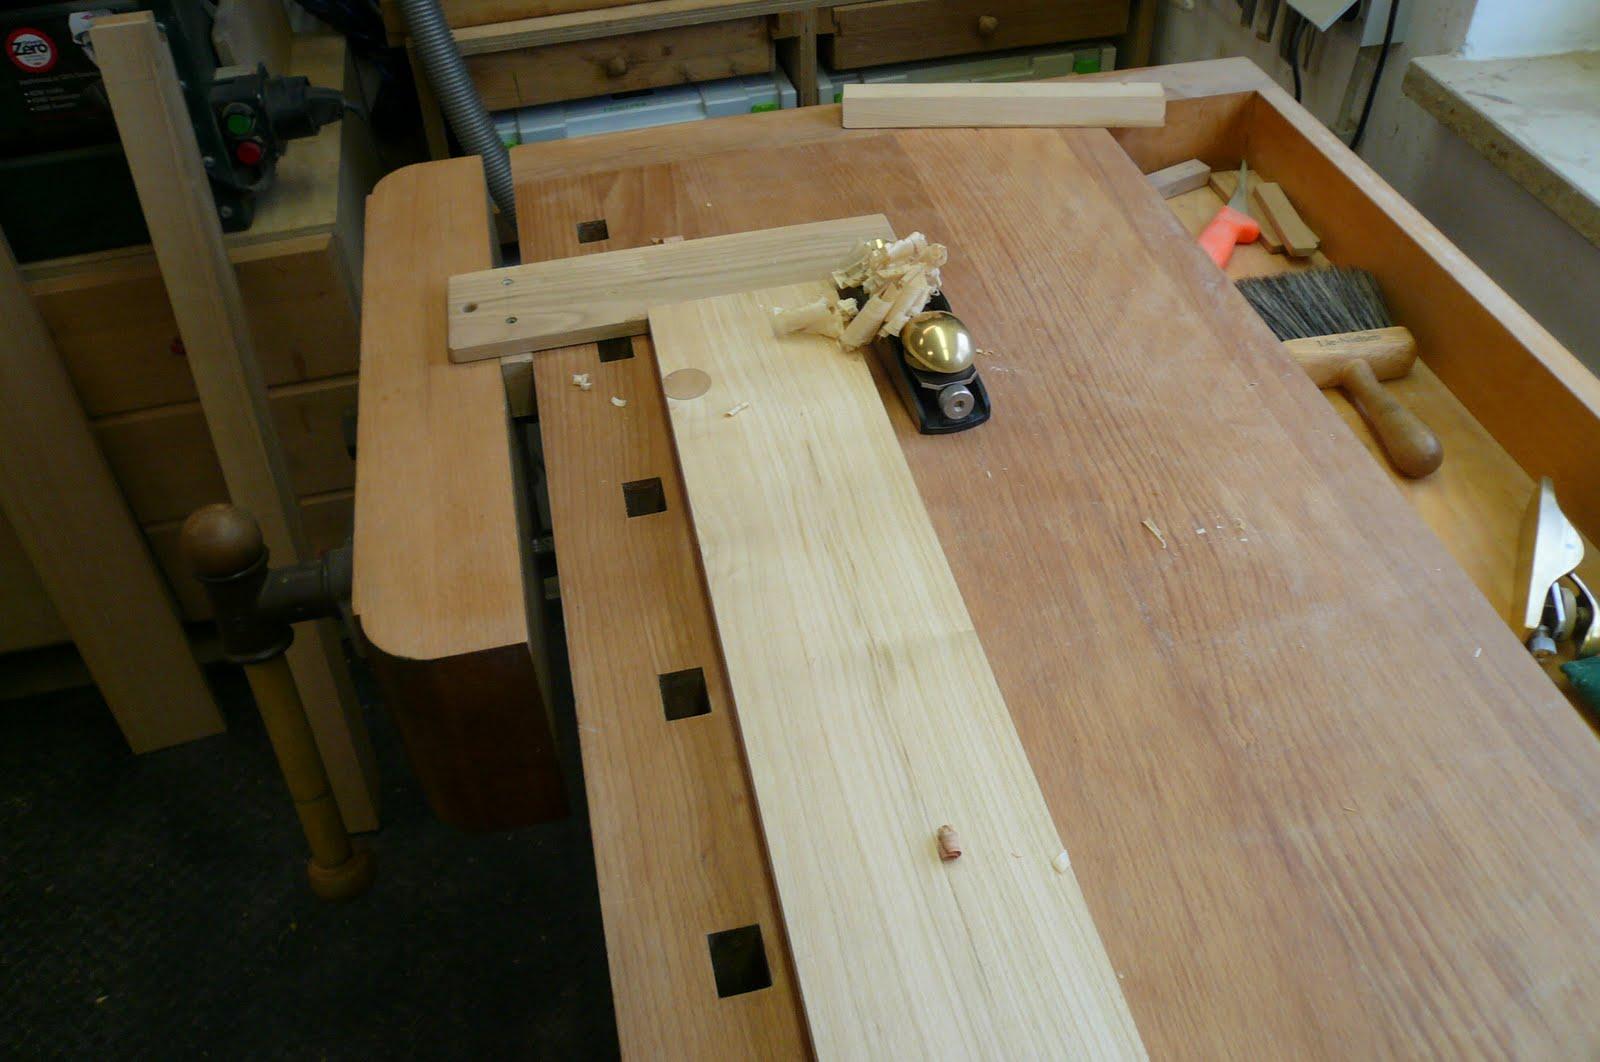 Holz zeitung: korridorschrank 13.02.2011